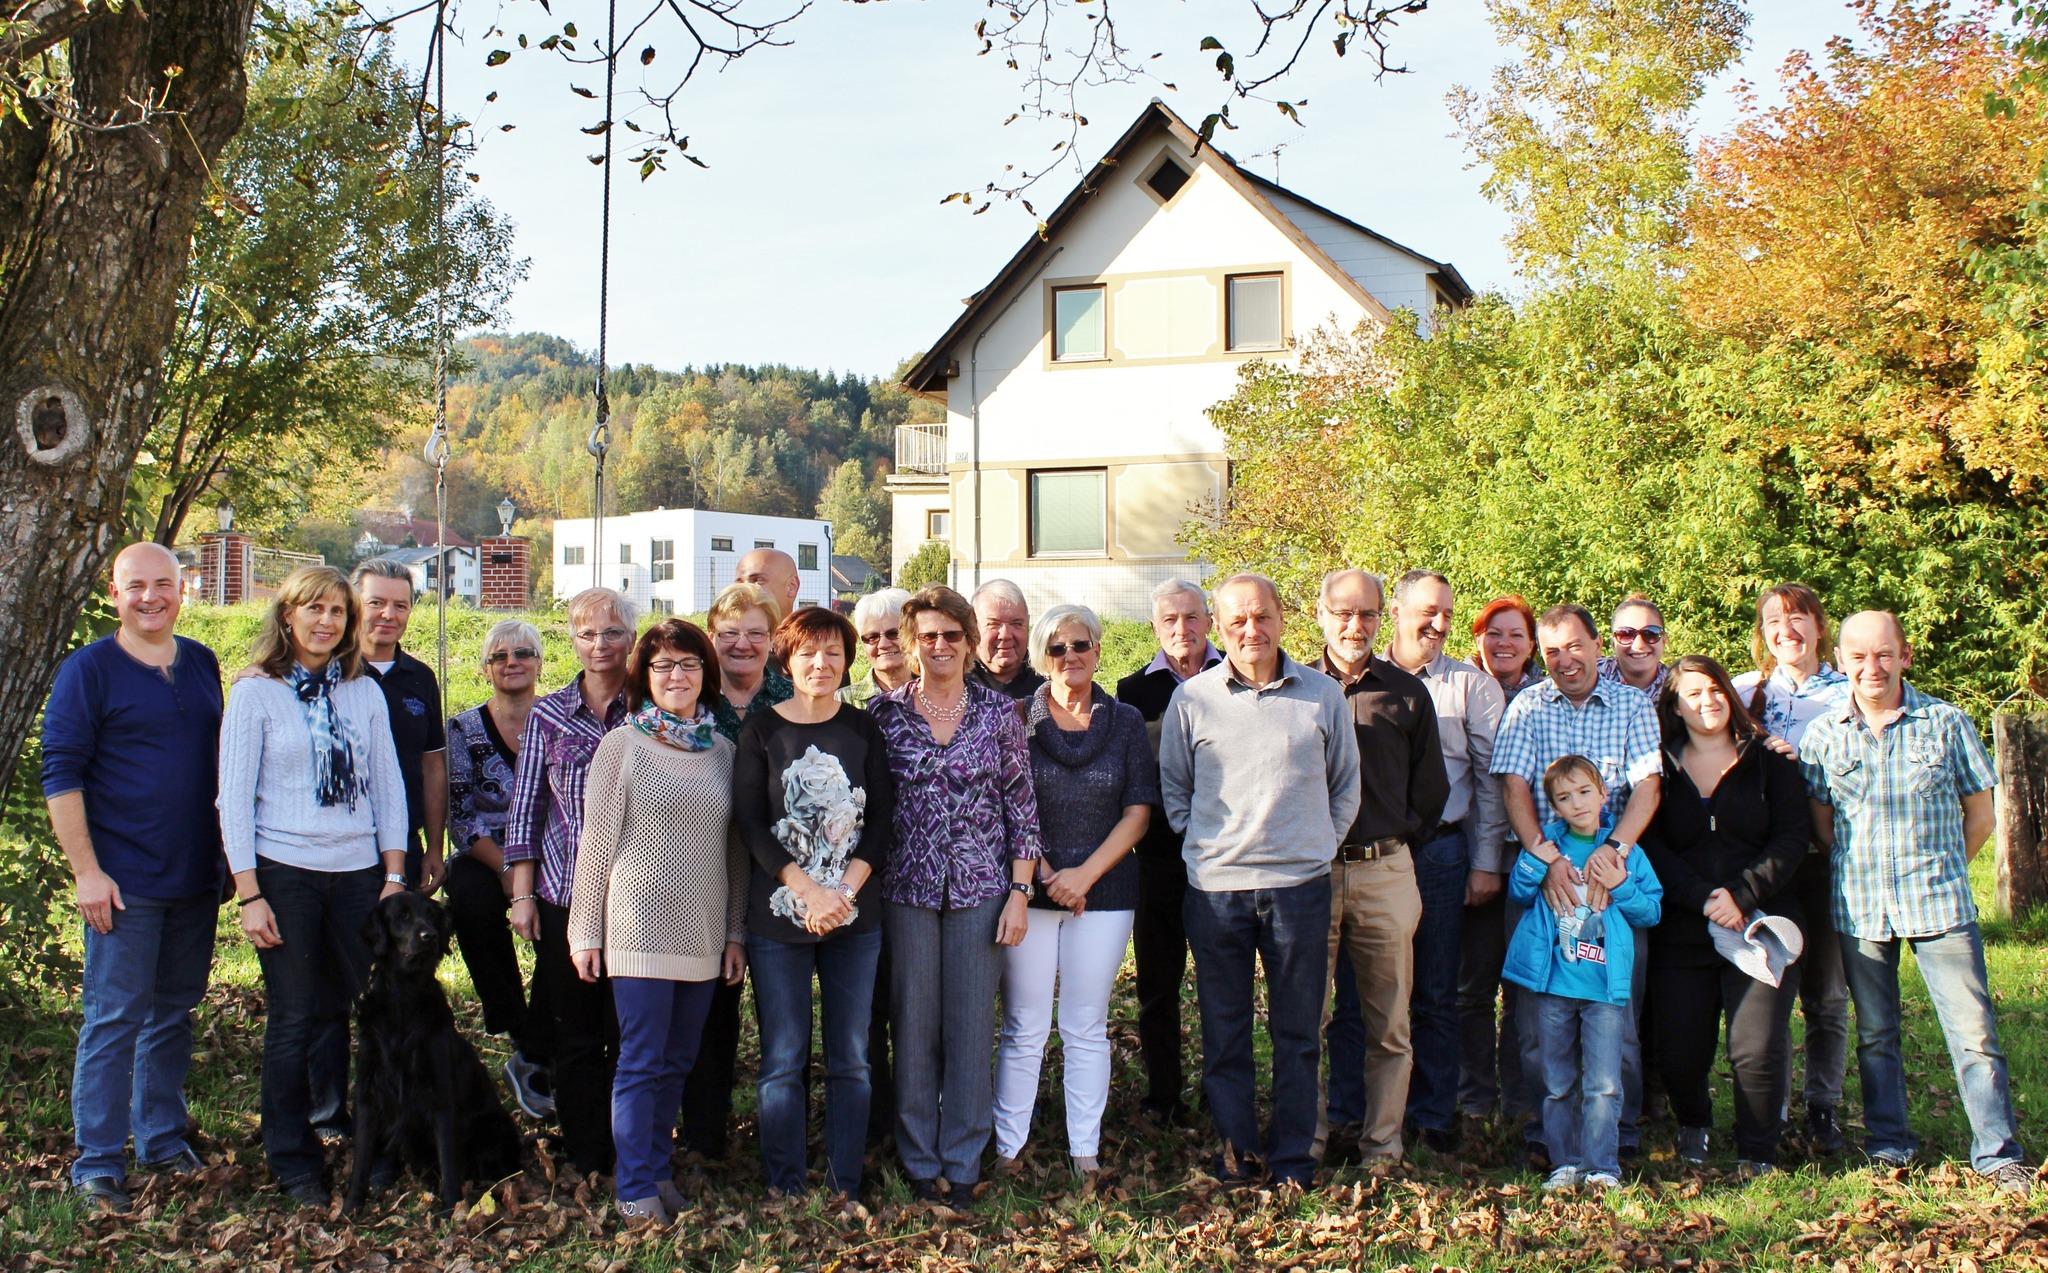 Snger- und Musikantentreffen - Rohrbach an der Lafnitz